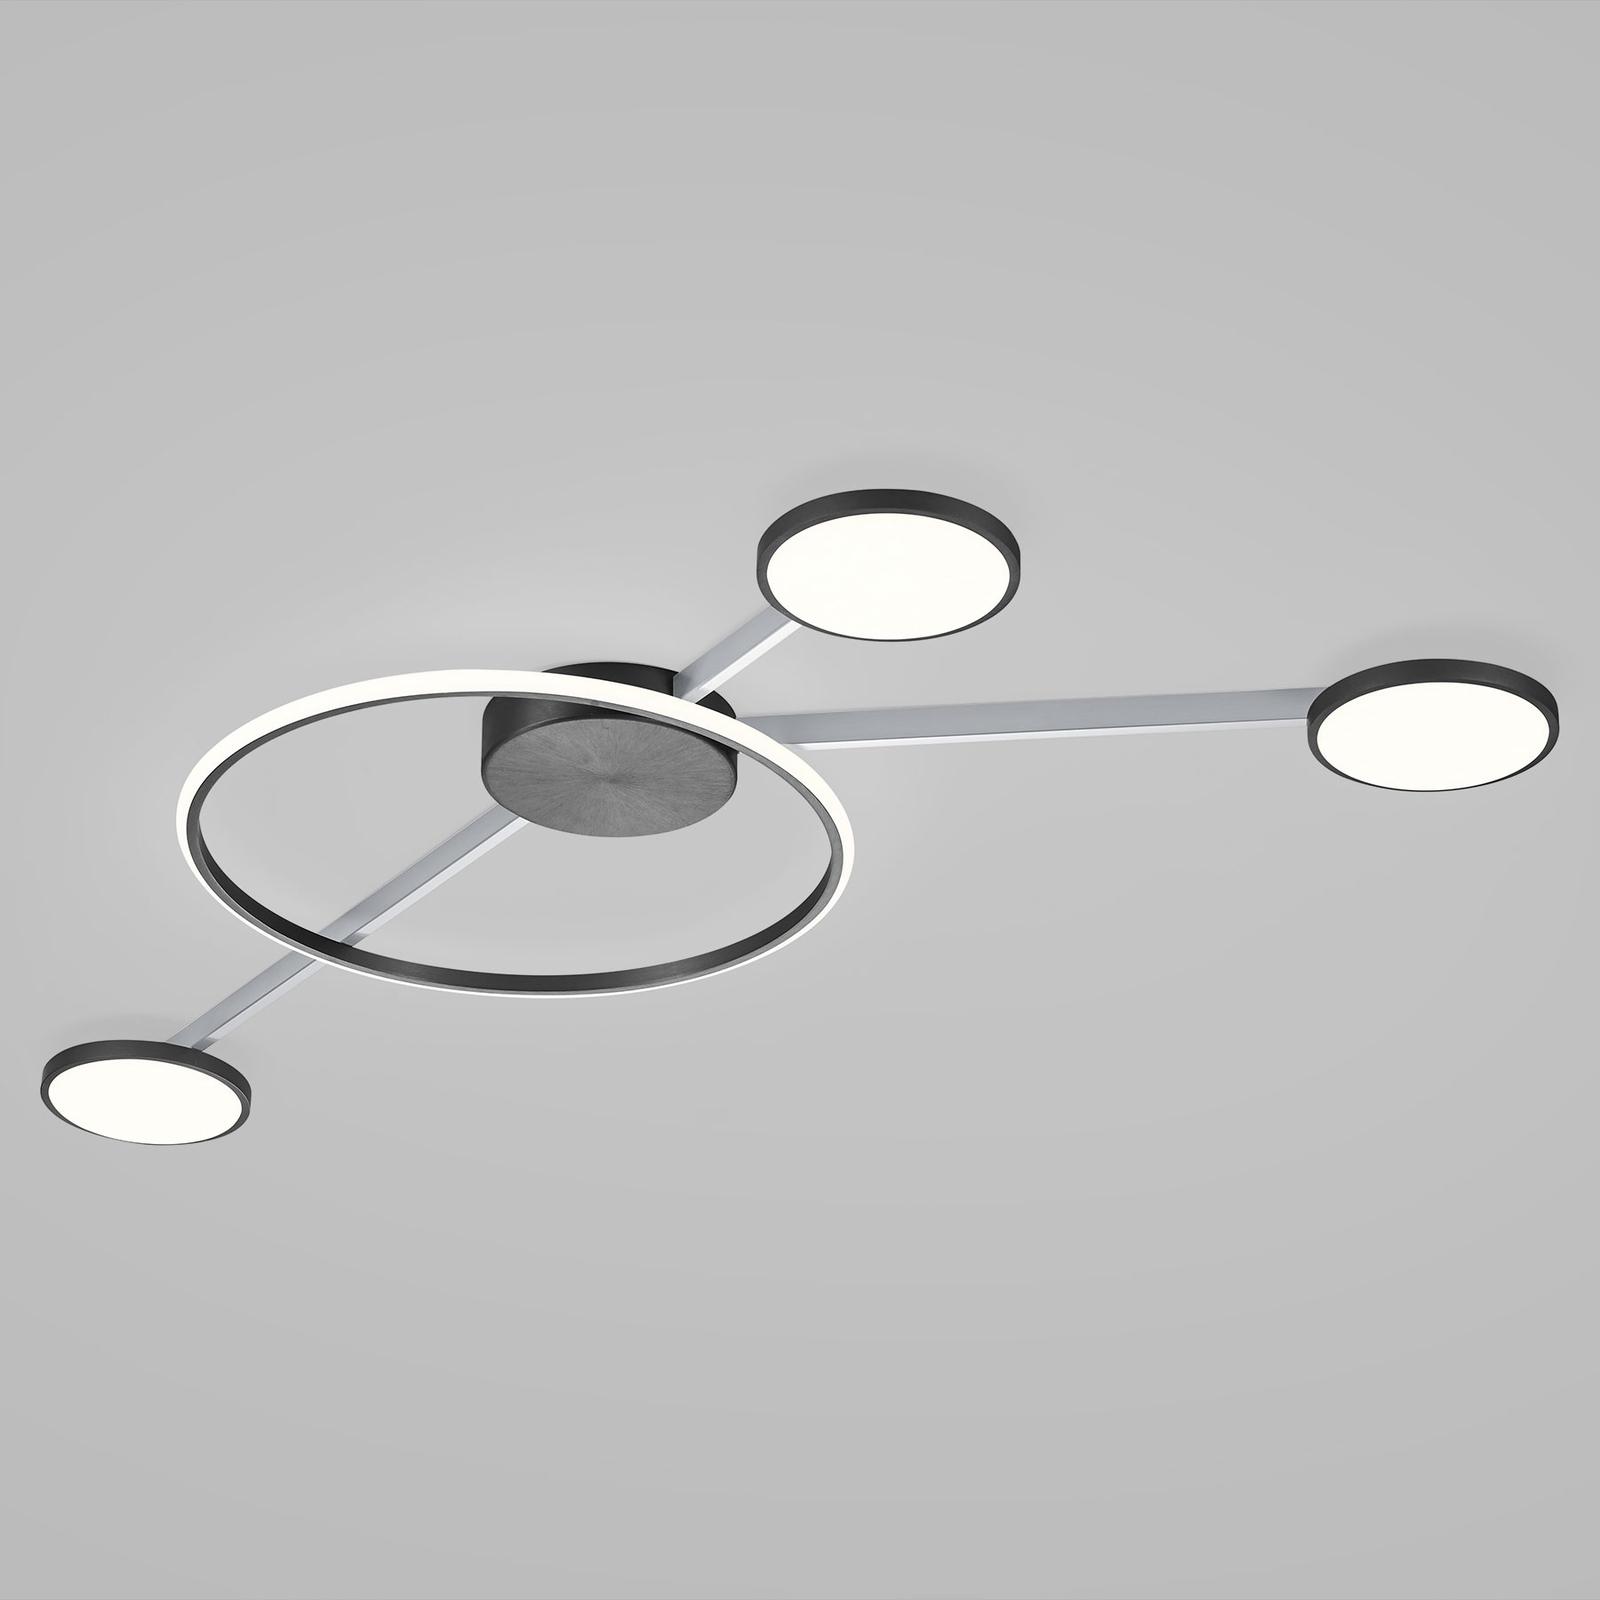 Lampa sufitowa LED Bopp Satellite, 4-pkt. smart